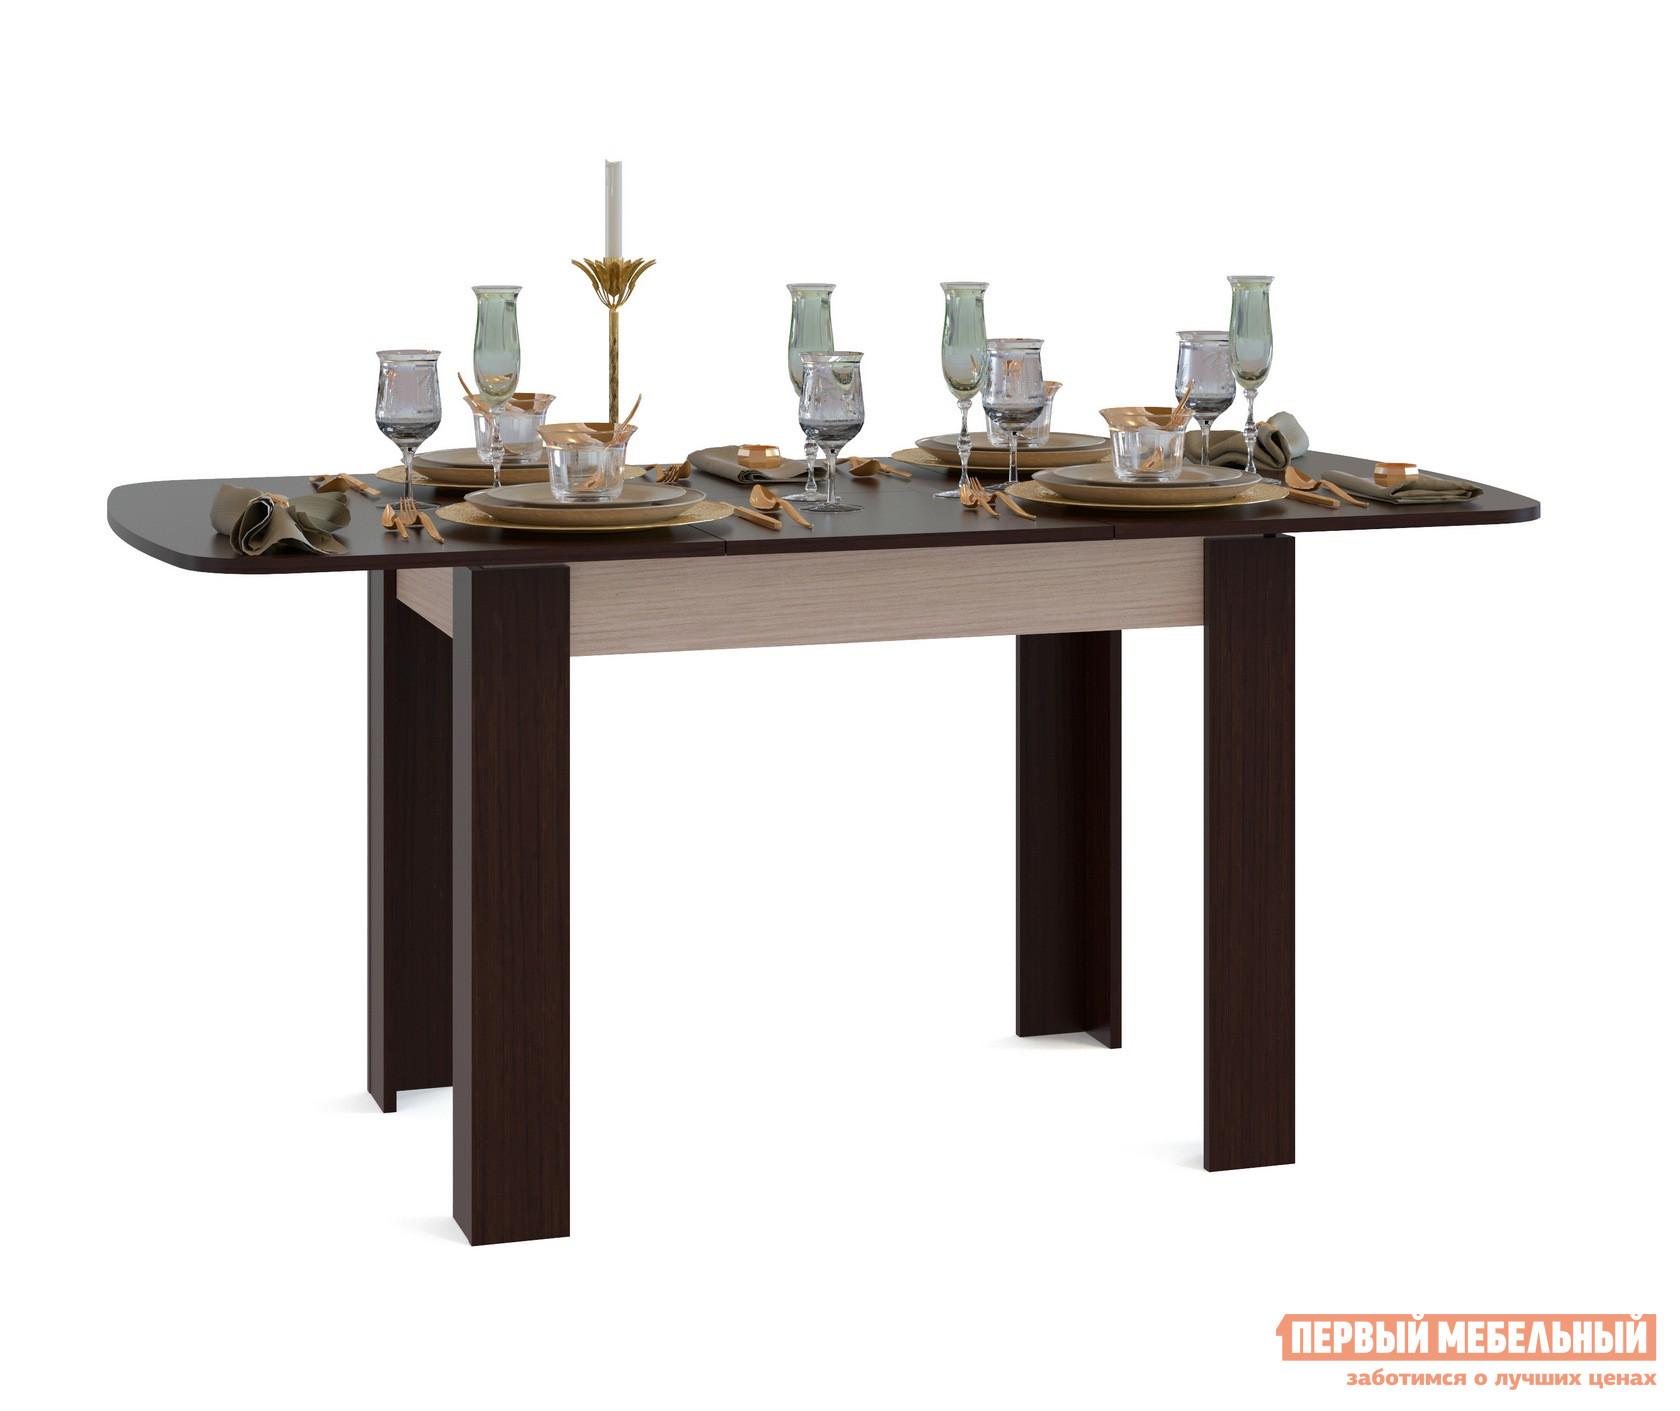 Кухонный стол Сокол СО-3 Подстолье Беленый дуб / Столешница, ножки Венге